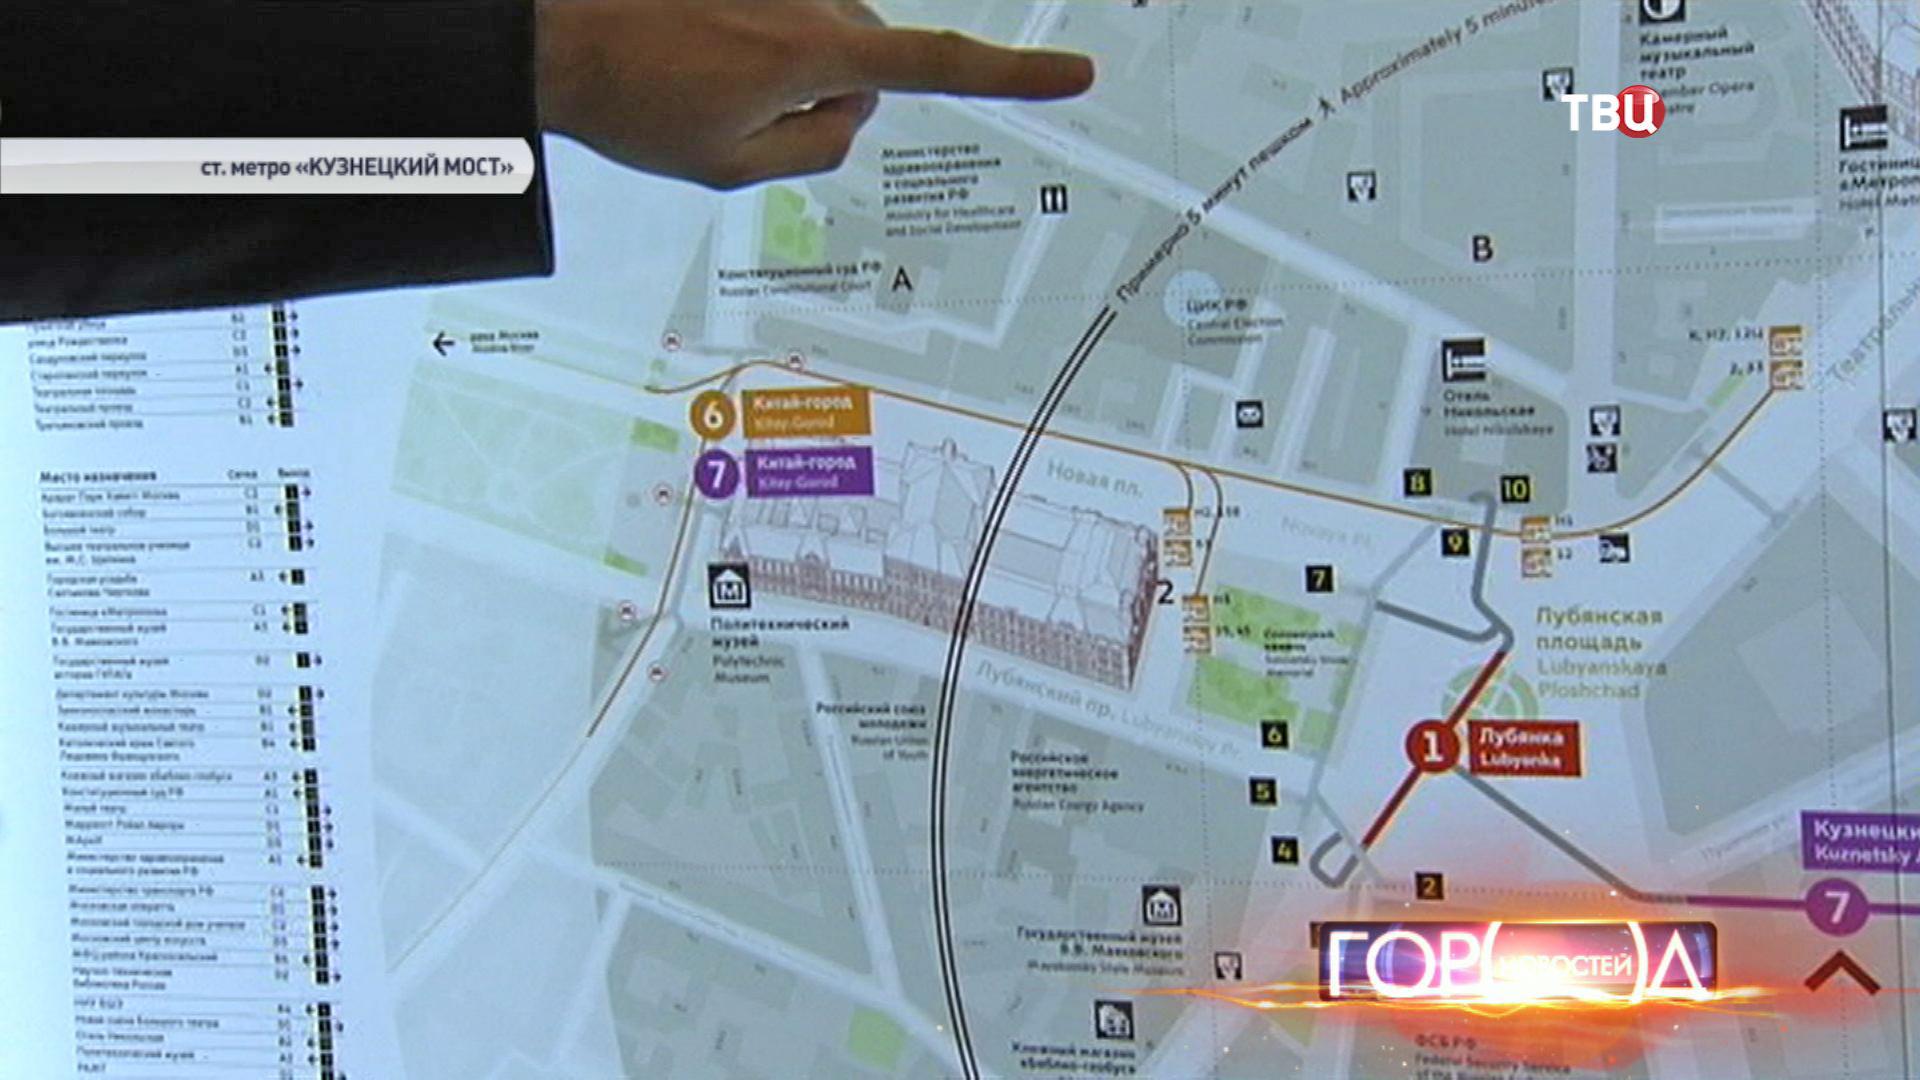 """Навигационная система на станции """"Кузнецкий мост"""""""